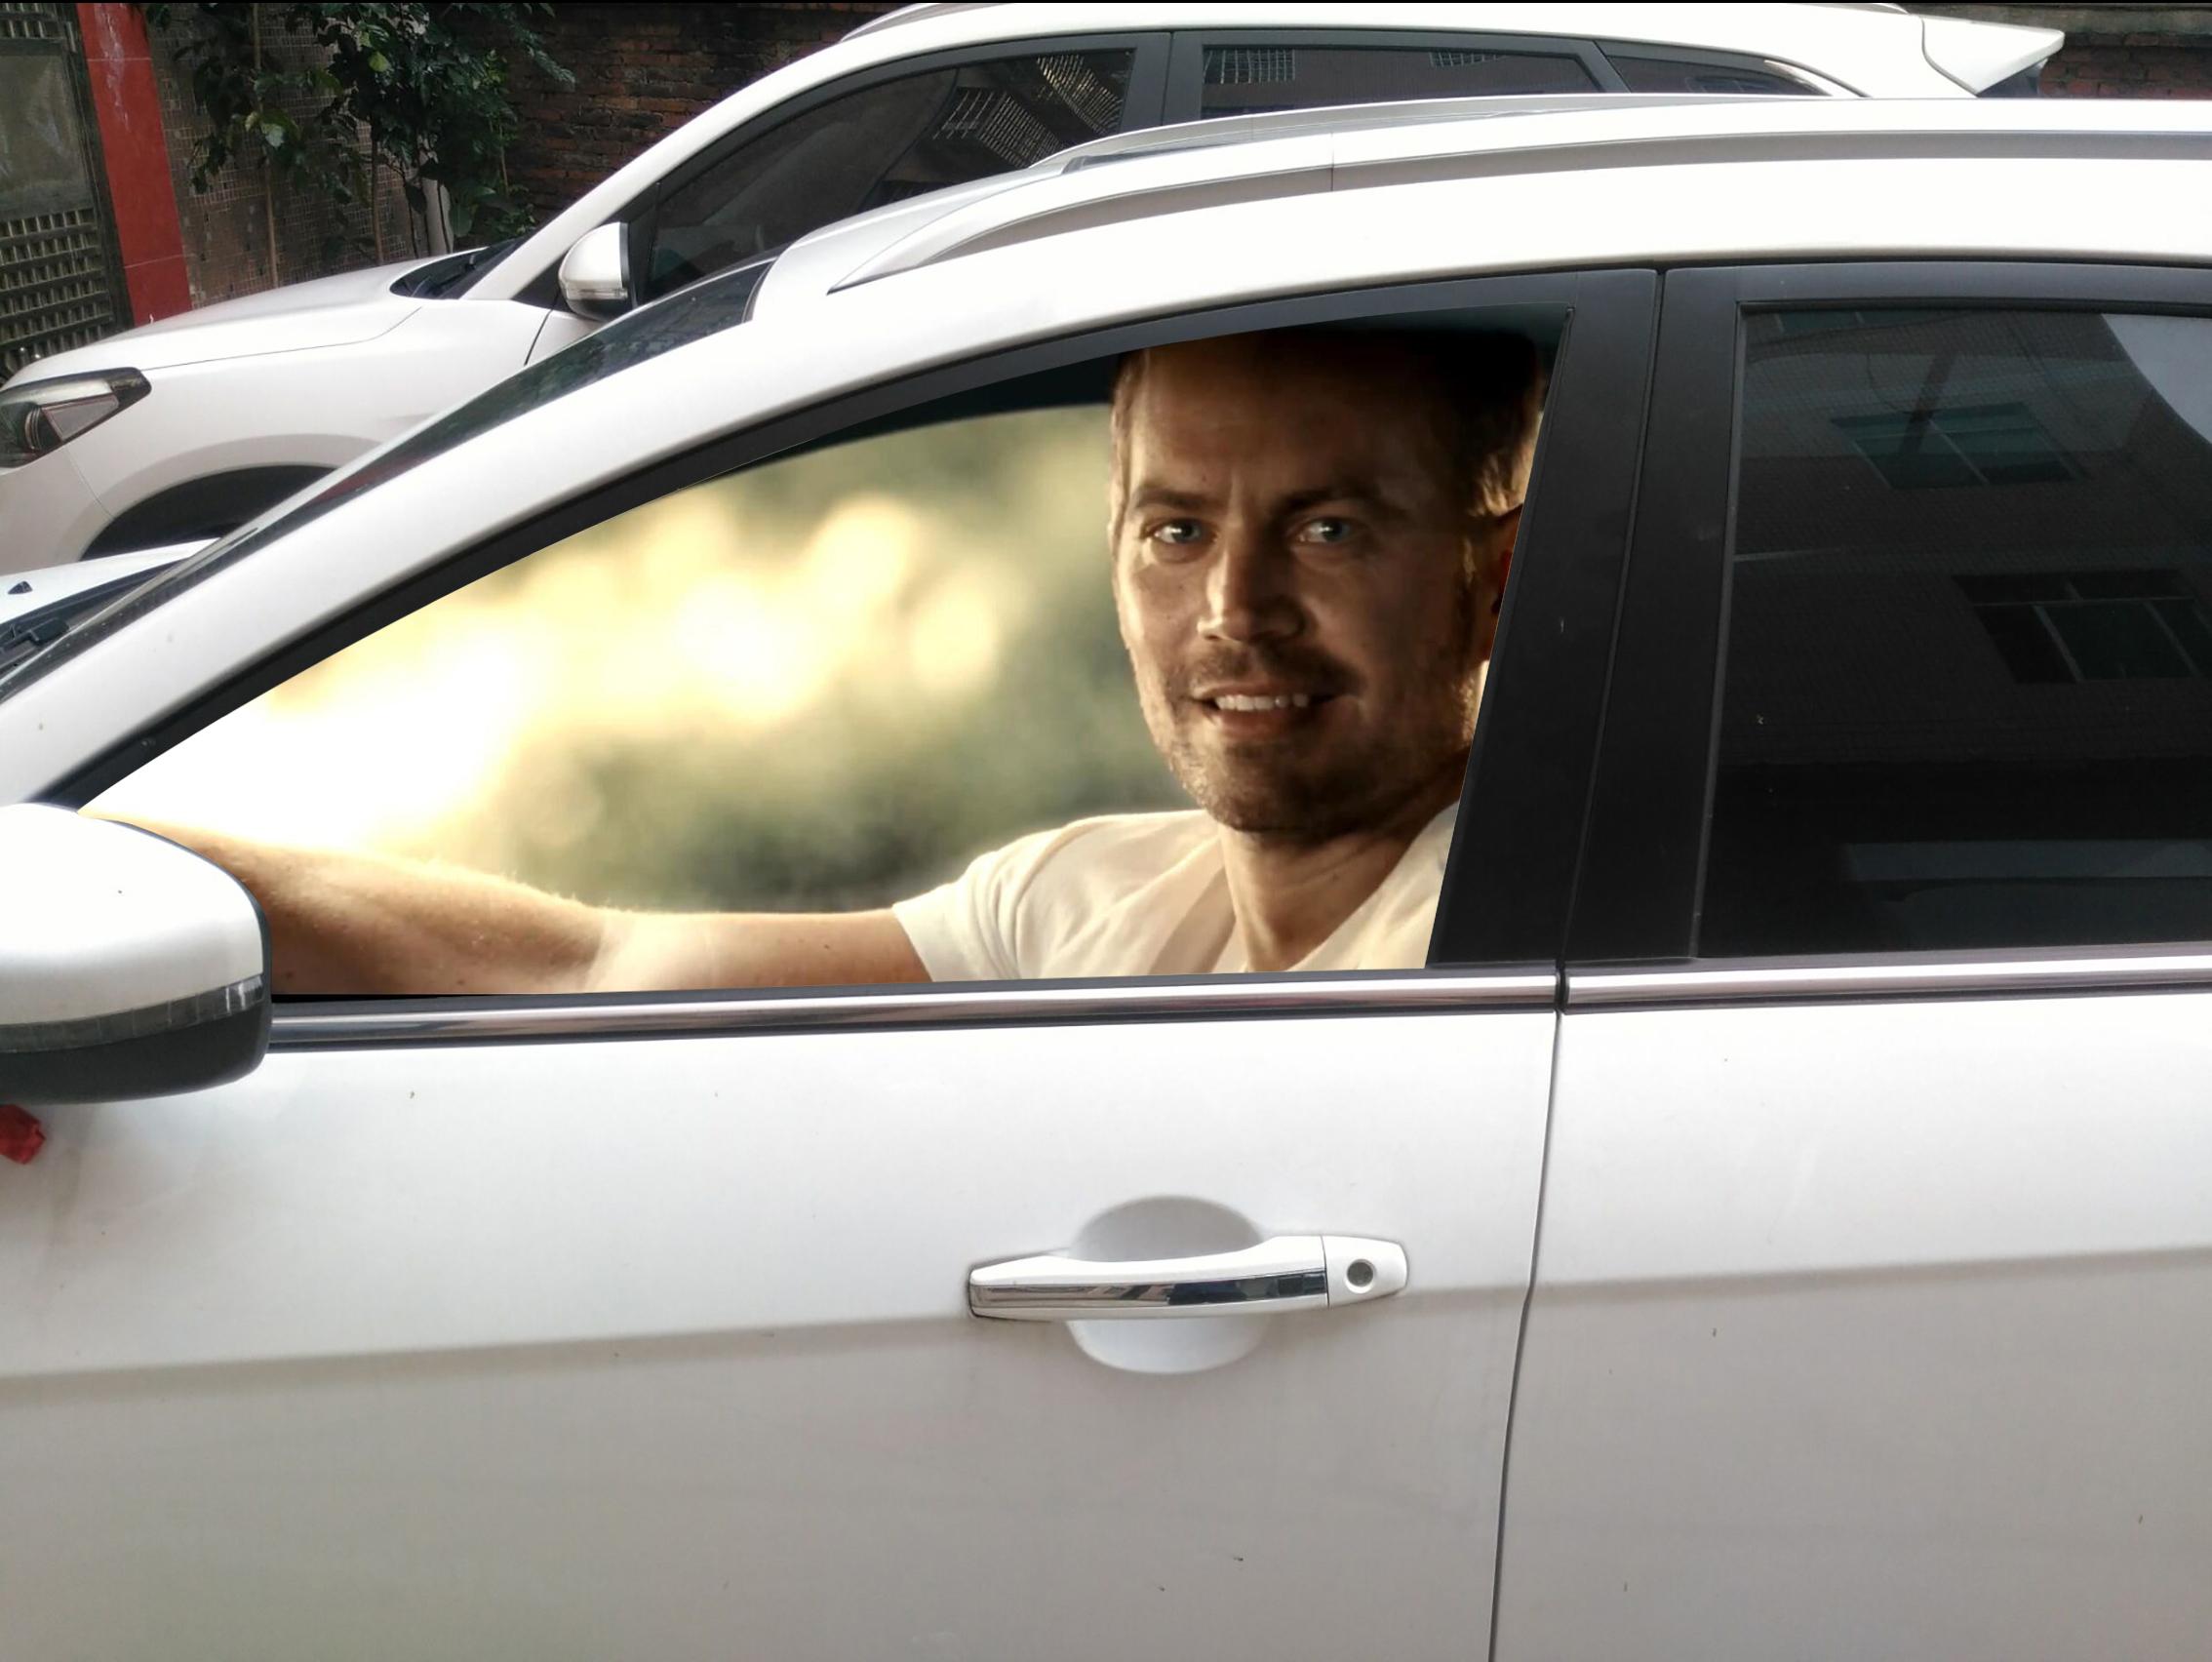 炫酷3D车窗贴走红网络 交警提示违法、不安全